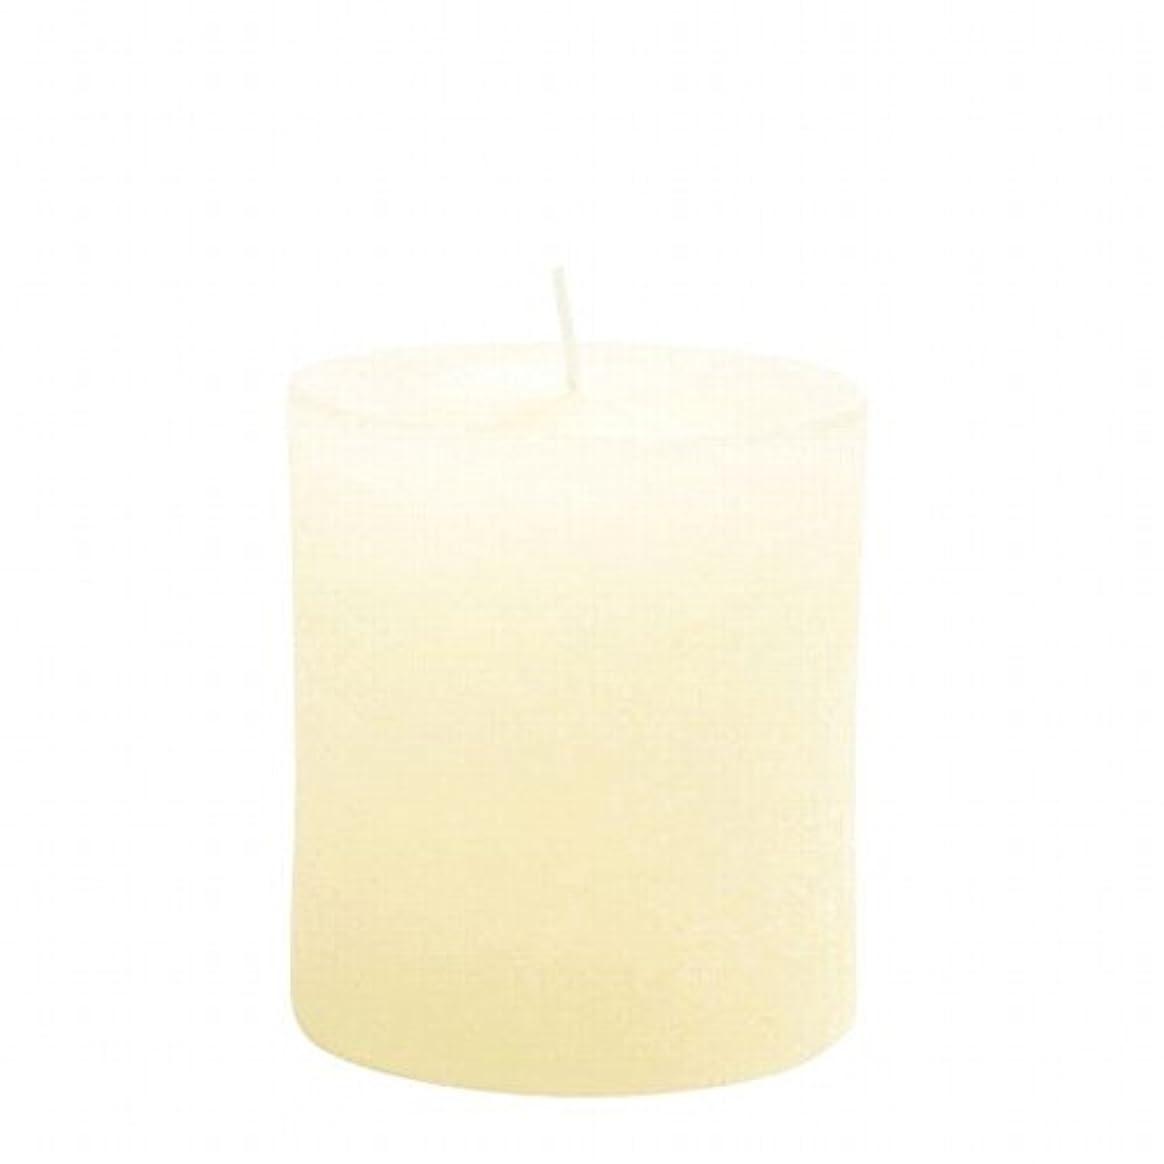 拘束キャプション拾うカメヤマキャンドル( kameyama candle ) ラスティクピラー70×75 「 アイボリー 」